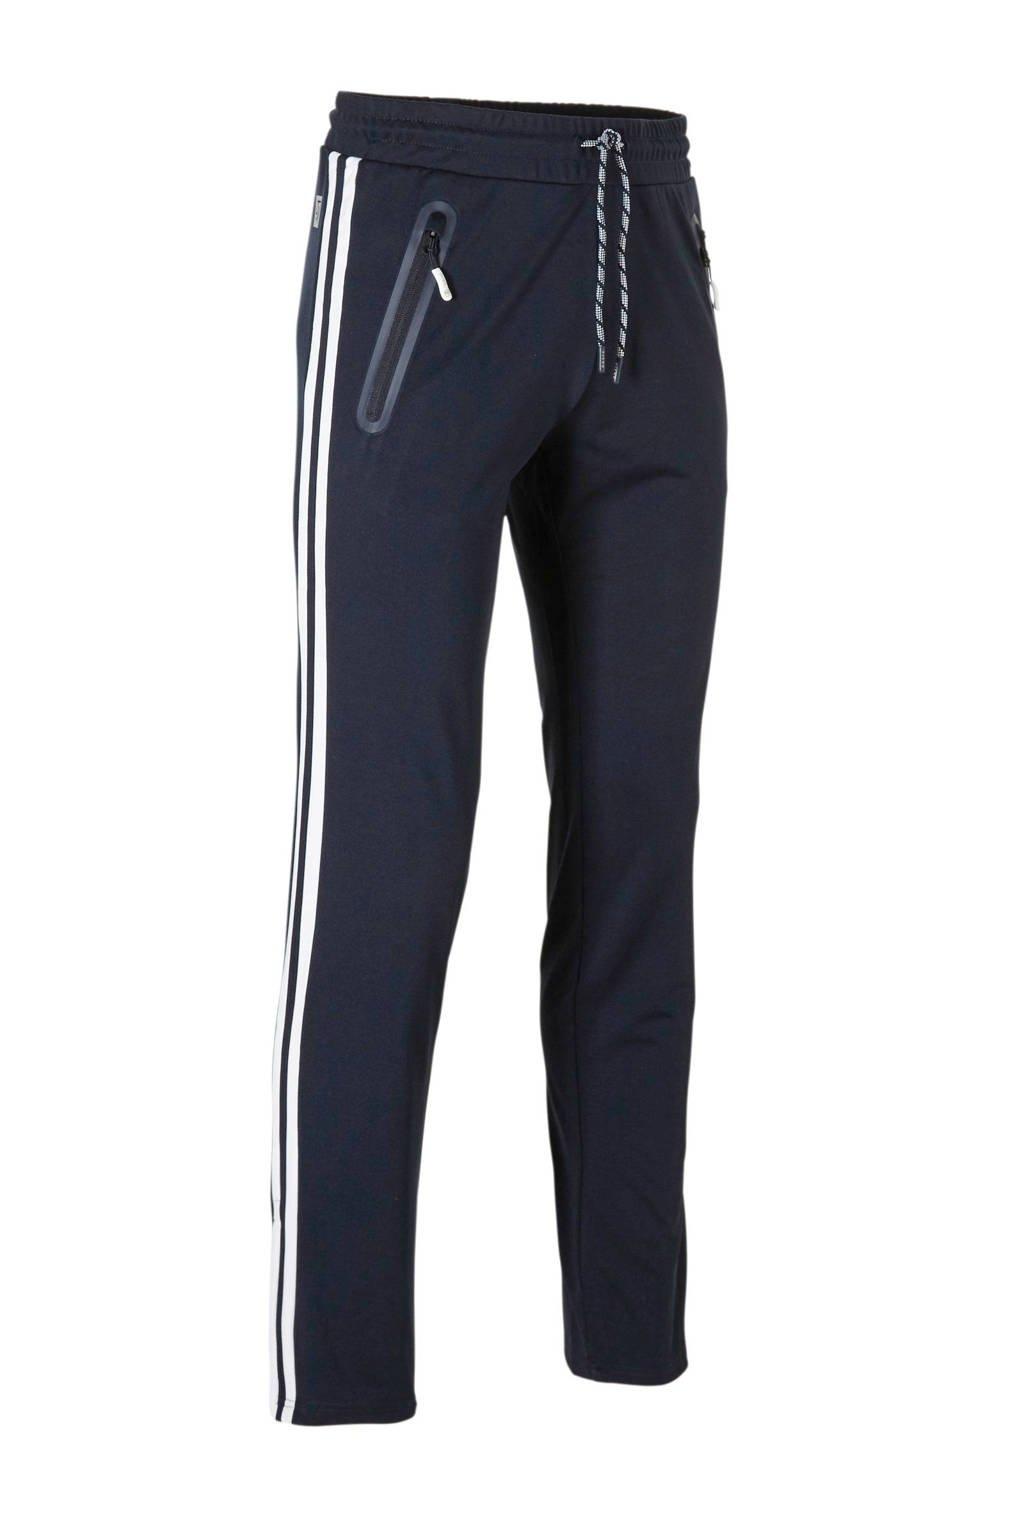 Sjeng Sports   sportbroek, Donkerblauw/wit